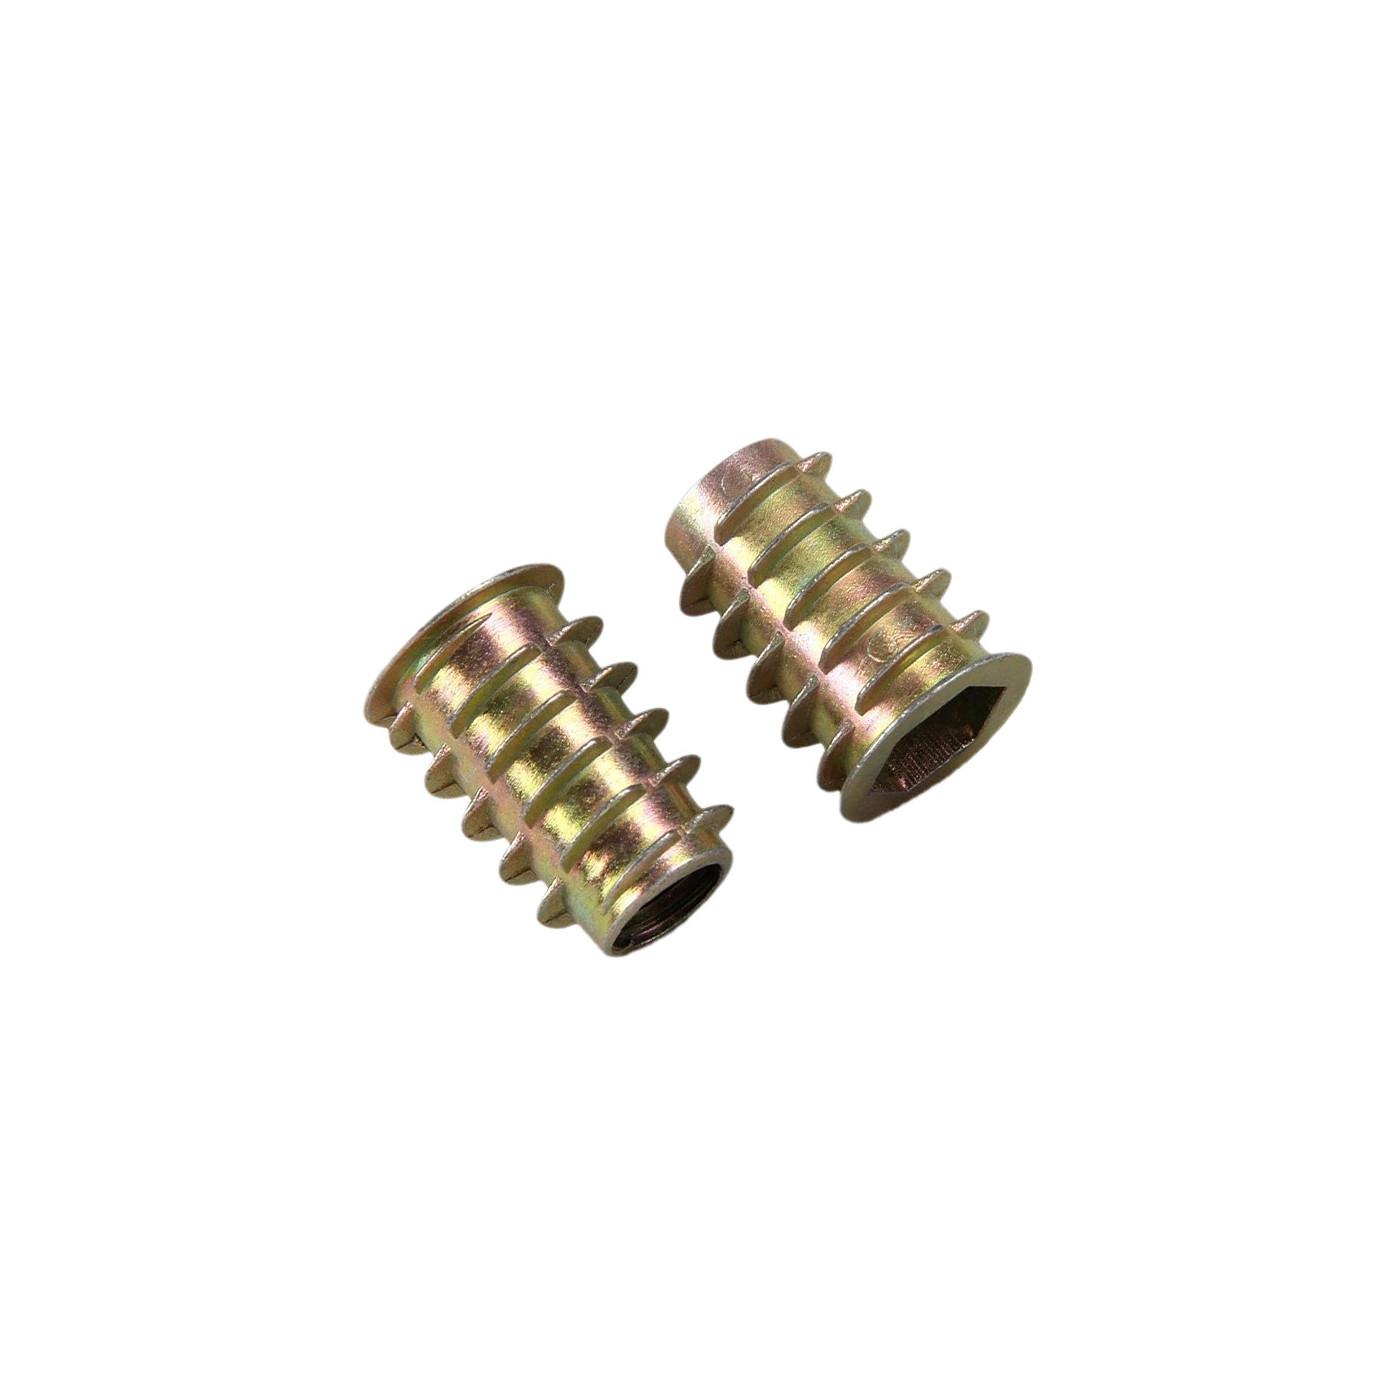 Zestaw 50 nakrętek rampowych (nakrętki wkręcane M5x10 mm)  - 1